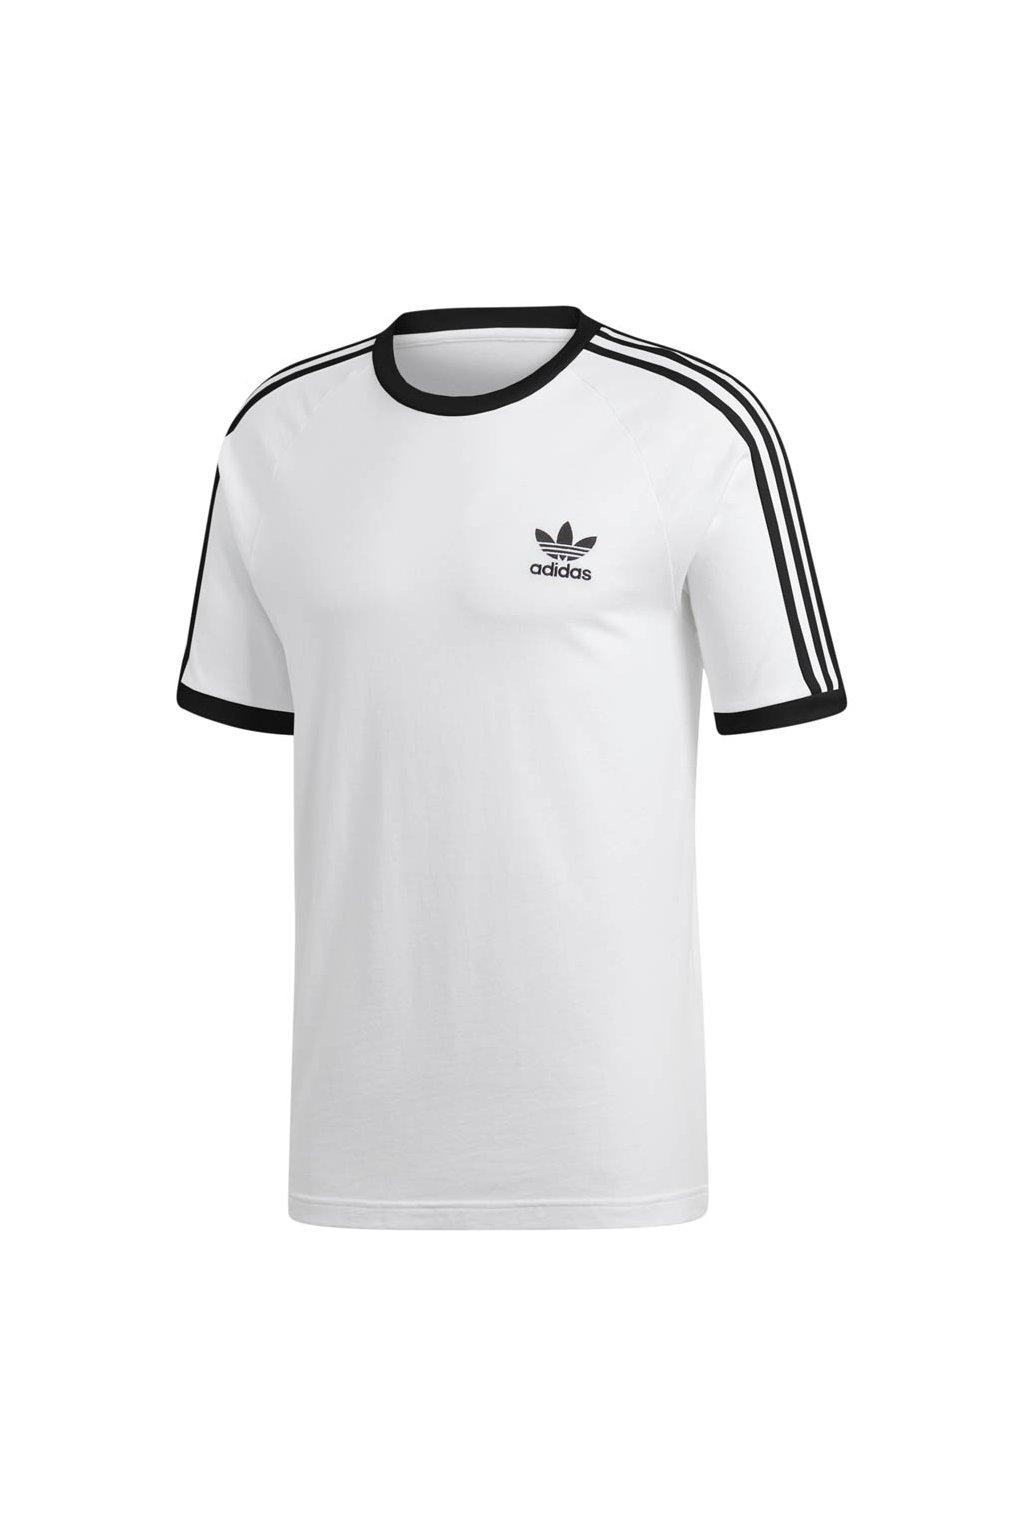 Adidas Originals pánske tričko 3 Stripes Tee white CW1203